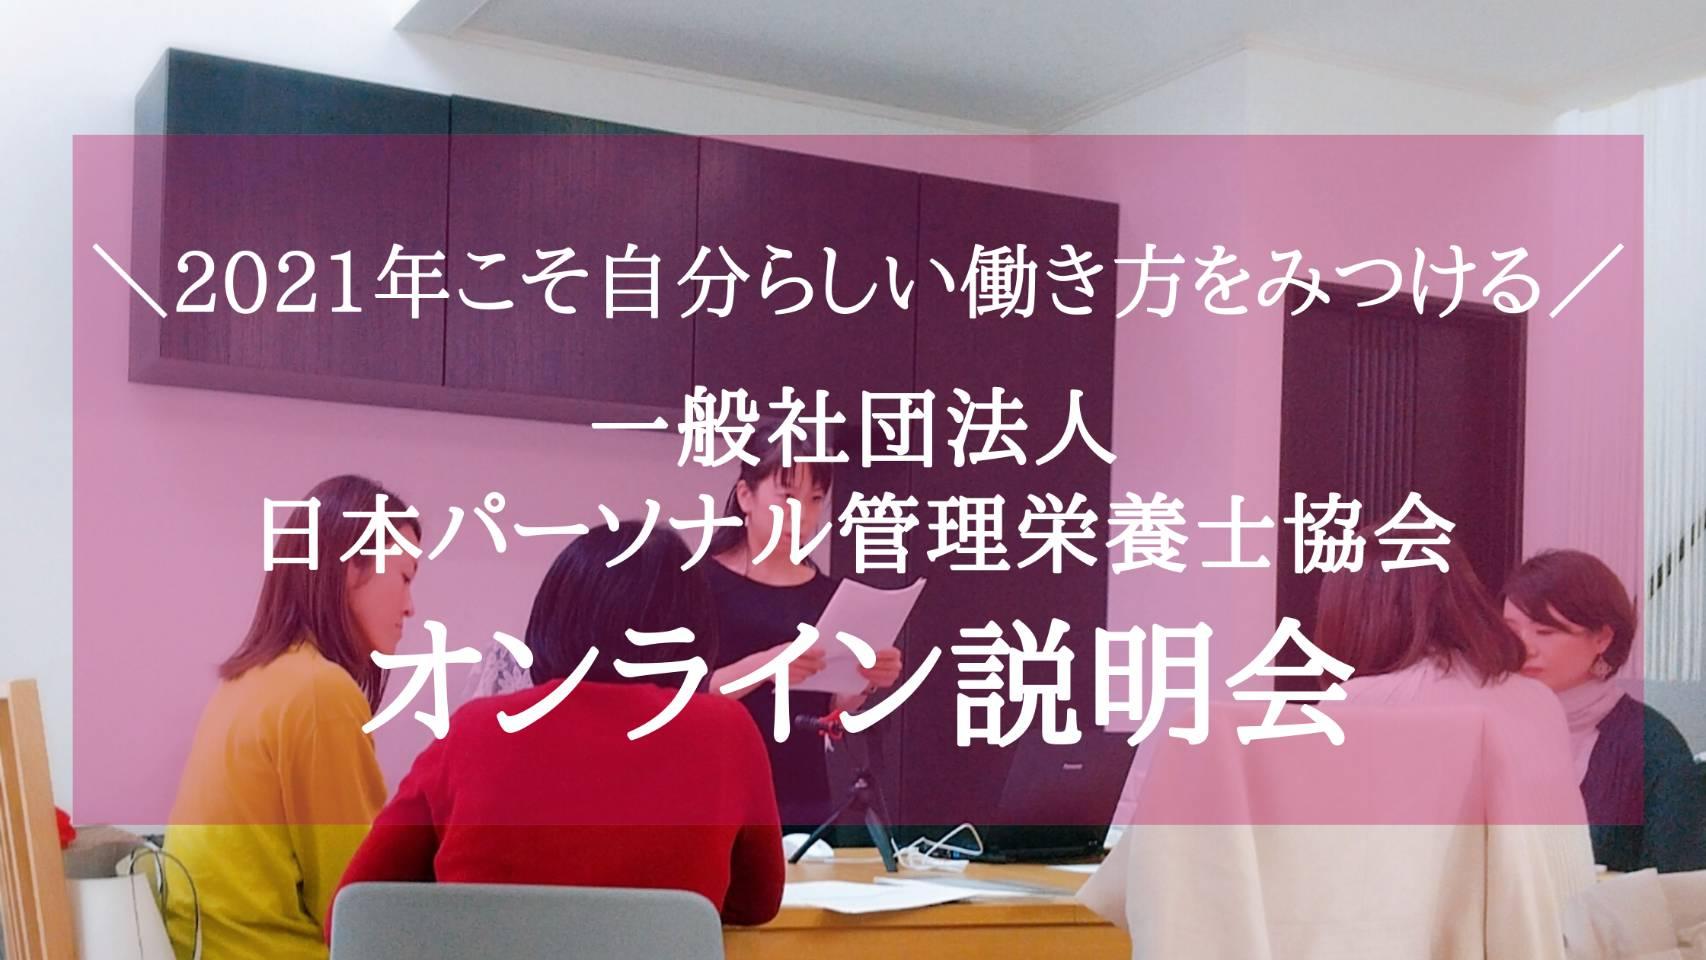 【3月】日本パーソナル管理栄養士協会オンライン説明会